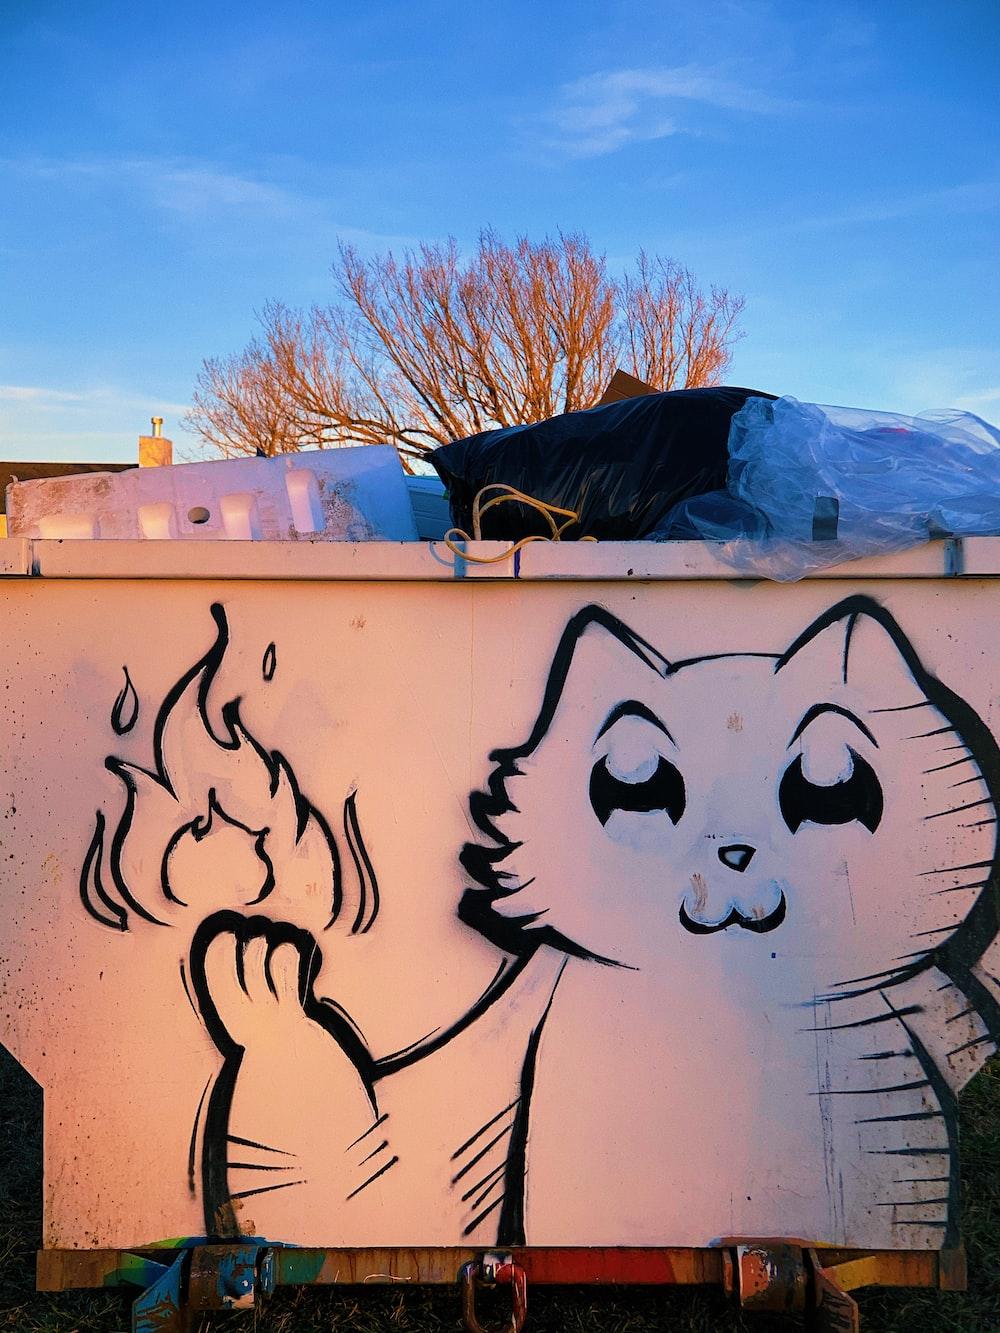 white and black panda graffiti